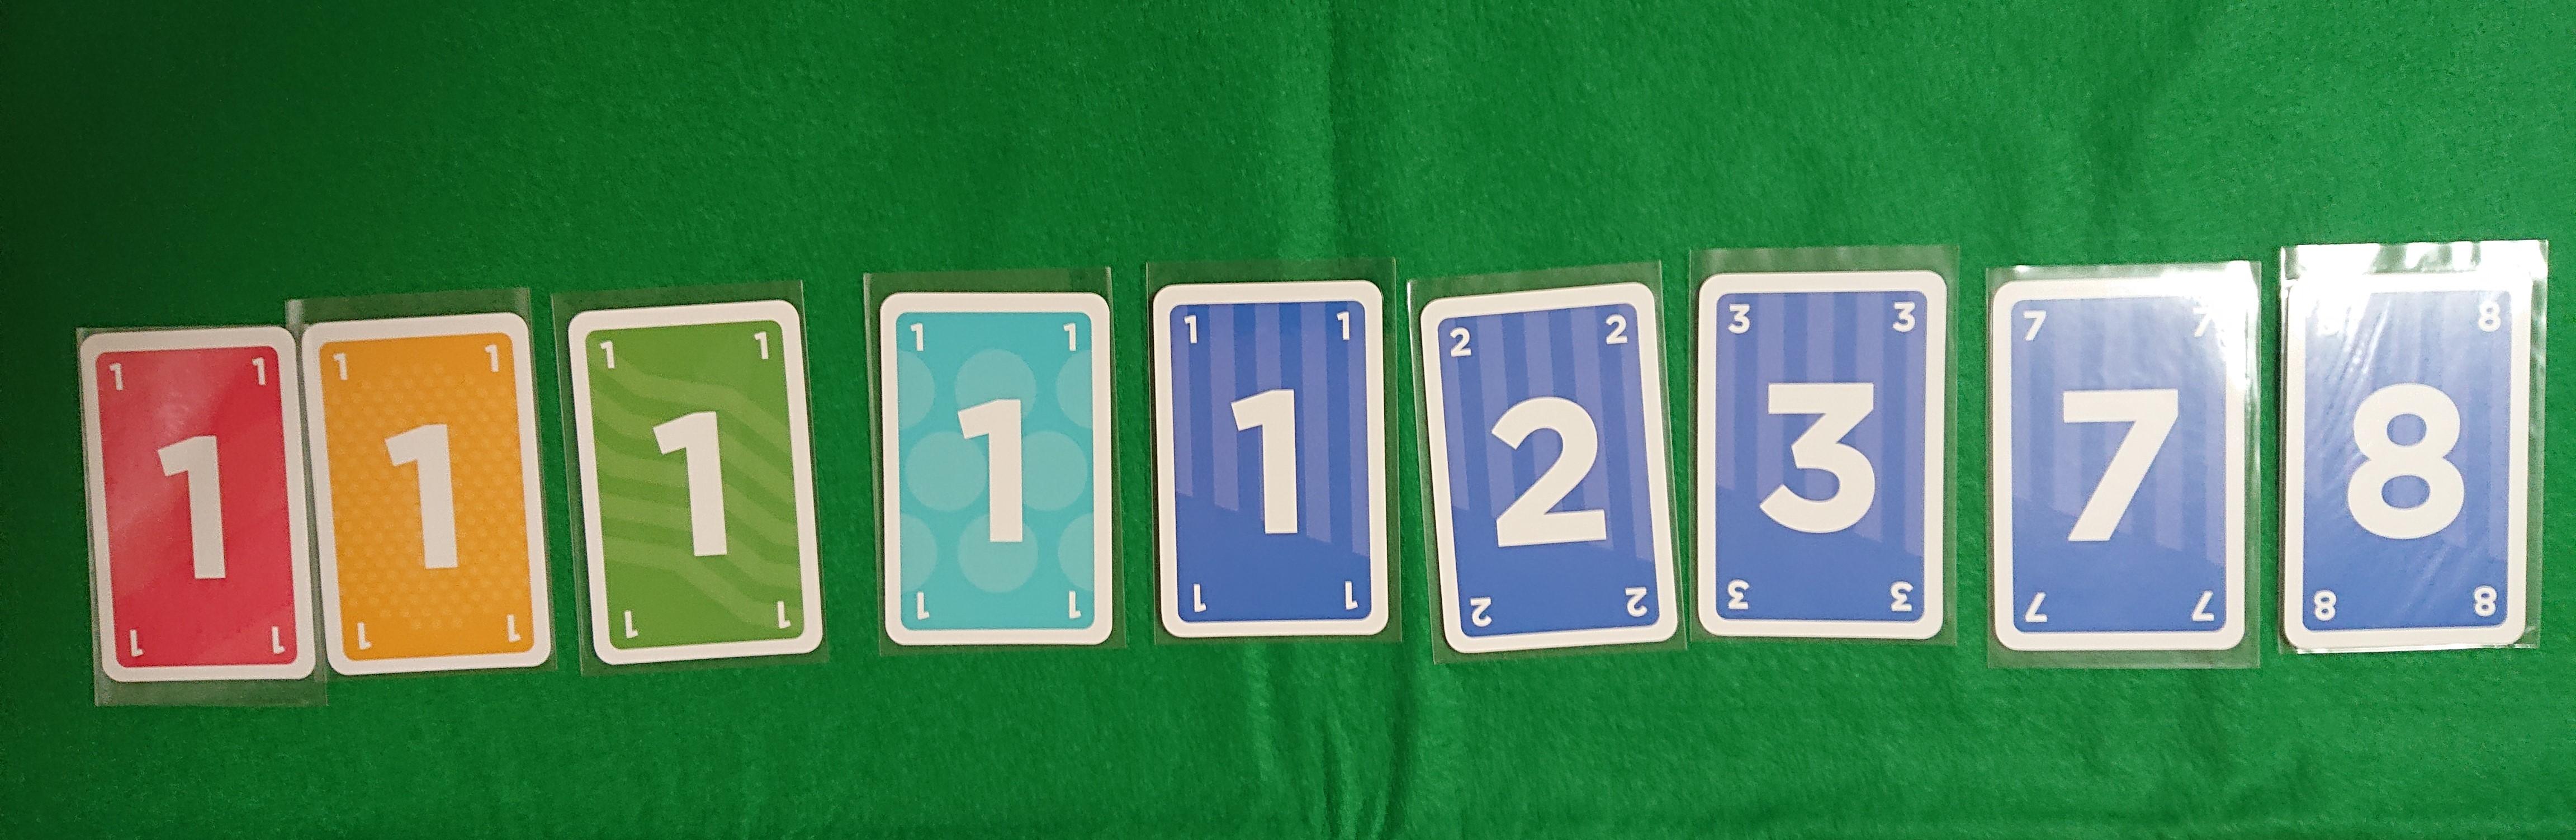 ZERO(ゼロ)カードゲーム紹介 カードの合計を0にせよ! ボードゲームルール説明